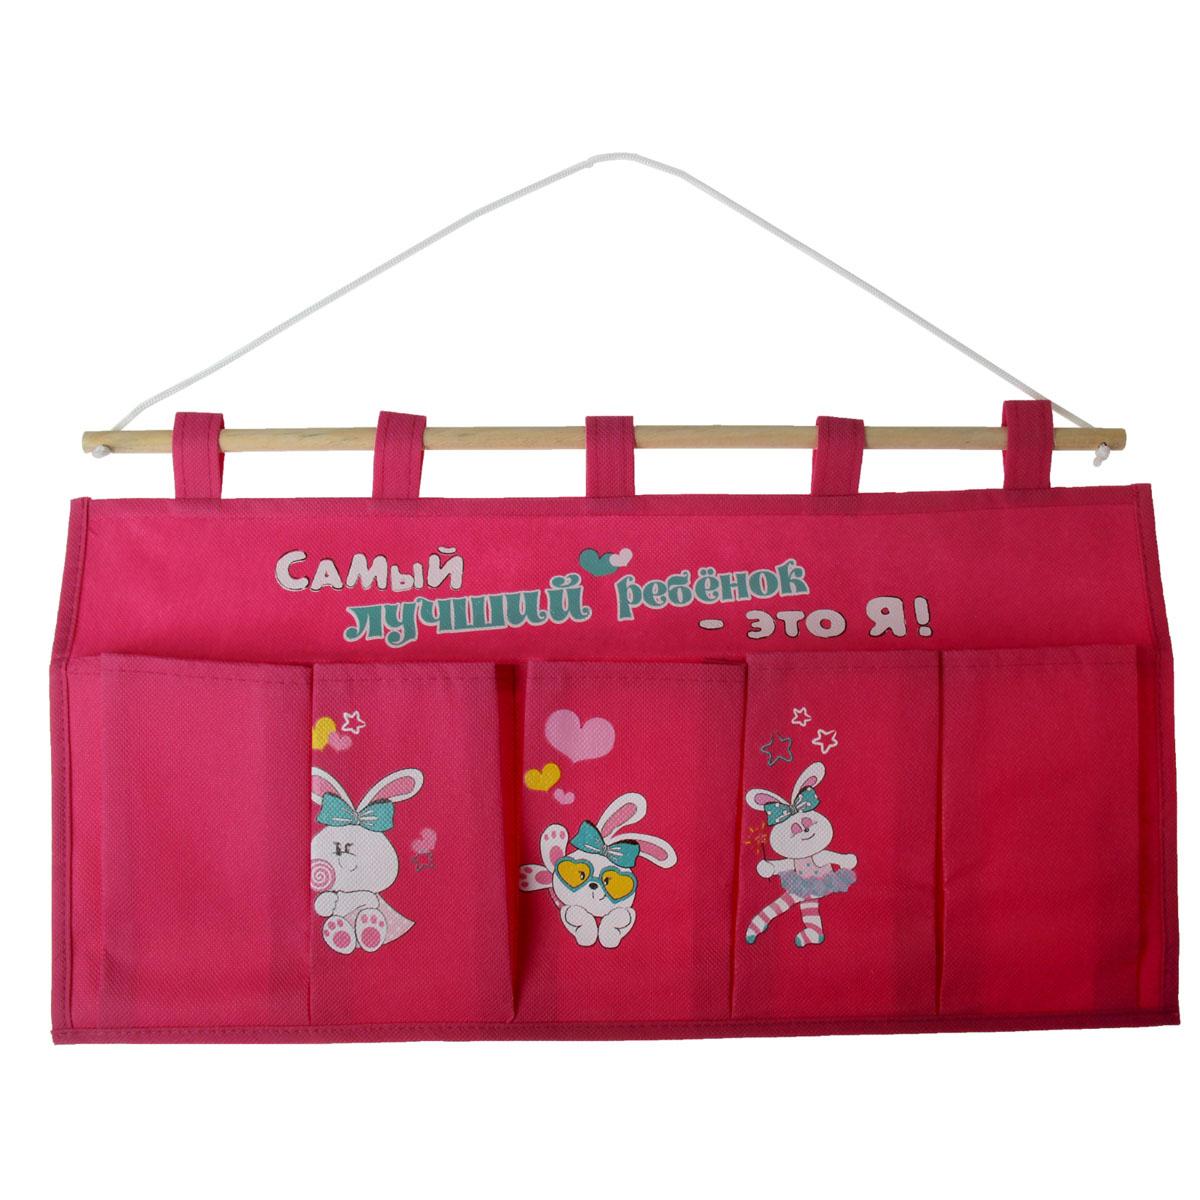 Кармашки на стену Sima-land Самый лучший ребенок, цвет: розовый, 5 штTD 0033Кармашки на стену «Самый лучший ребенок» предназначены для хранения необходимых вещей, множества мелочей в гардеробной, ванной, детской комнатах. Изделие выполнено из текстиля и представляет собой 5 сшитых между собой кармашков на ткани, которые, благодаря 5 петелькам, куда просовывается деревянная палочка на веревке, можно повесить в необходимом для вас и вашего ребенка месте. На кармашках имеются изображения в виде трех забавных зайцев и надпись «Самый лучший ребенок - это я!».Этот нужный предмет может стать одновременно и декоративным элементом комнаты. Яркий текстиль, как ничто иное, способен оживить интерьер вашего жилища и сделает каждый день ярче и радостнее.